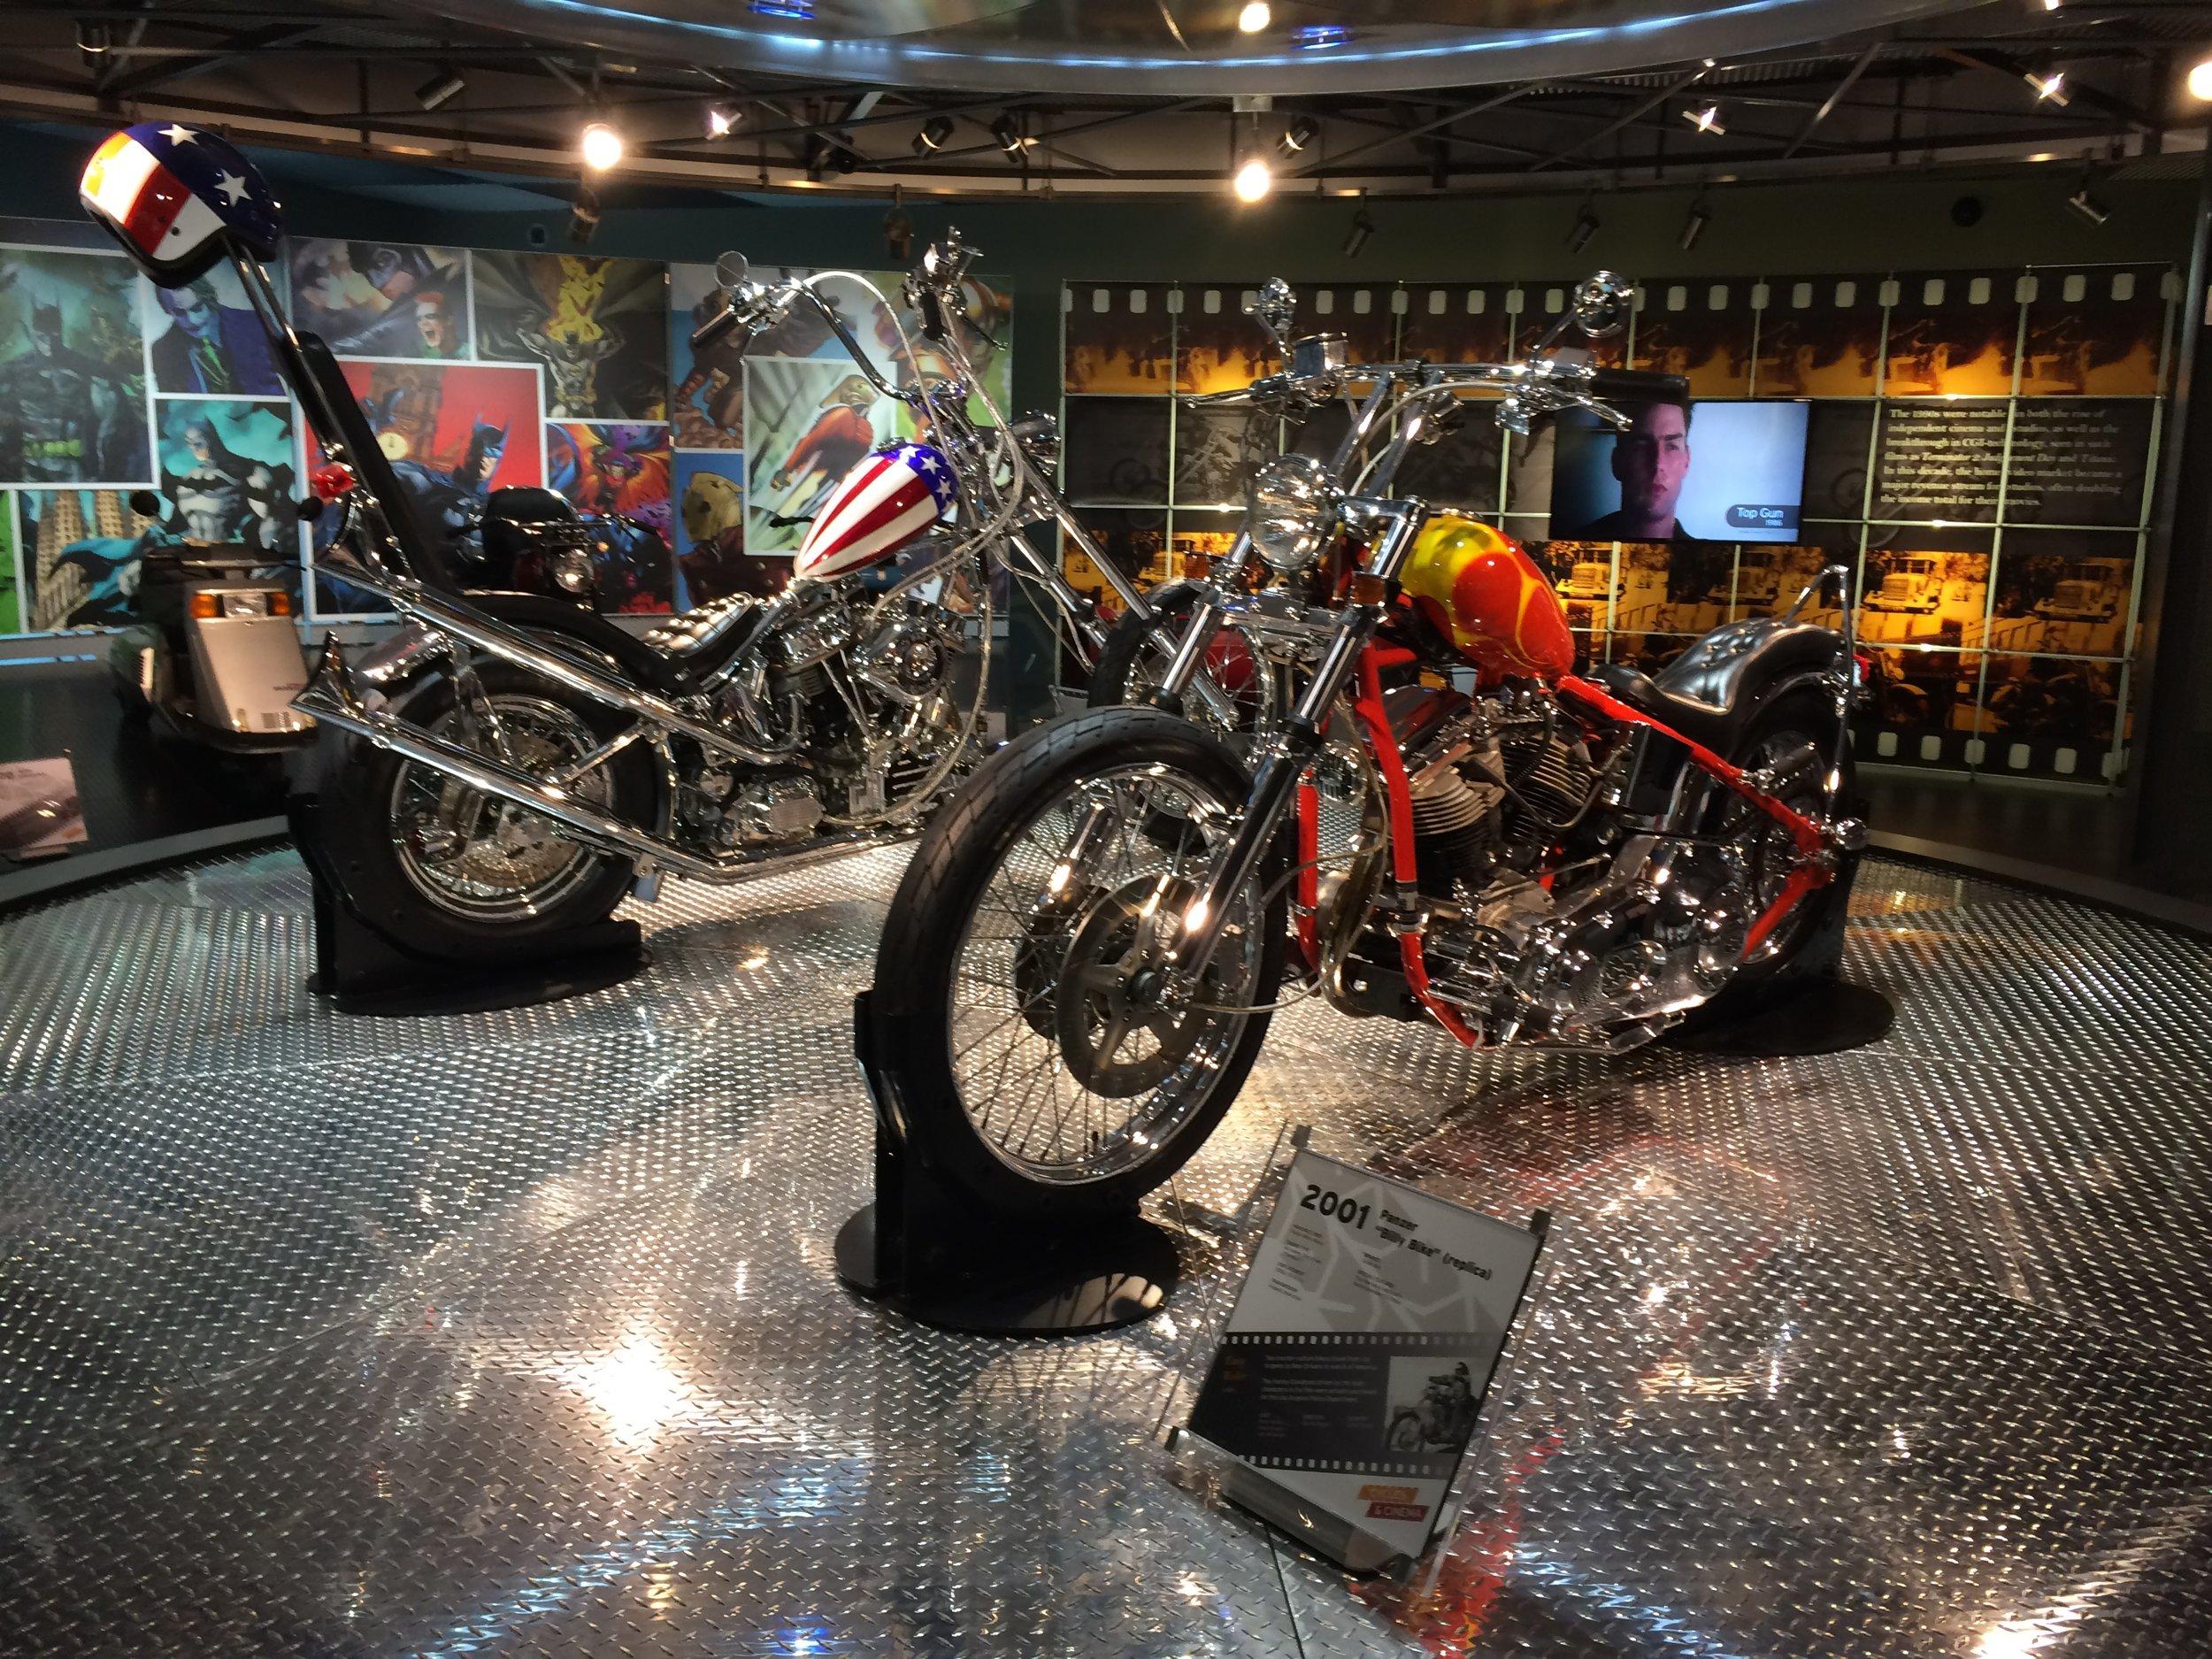 2001 Panzer Billy Bike.JPG